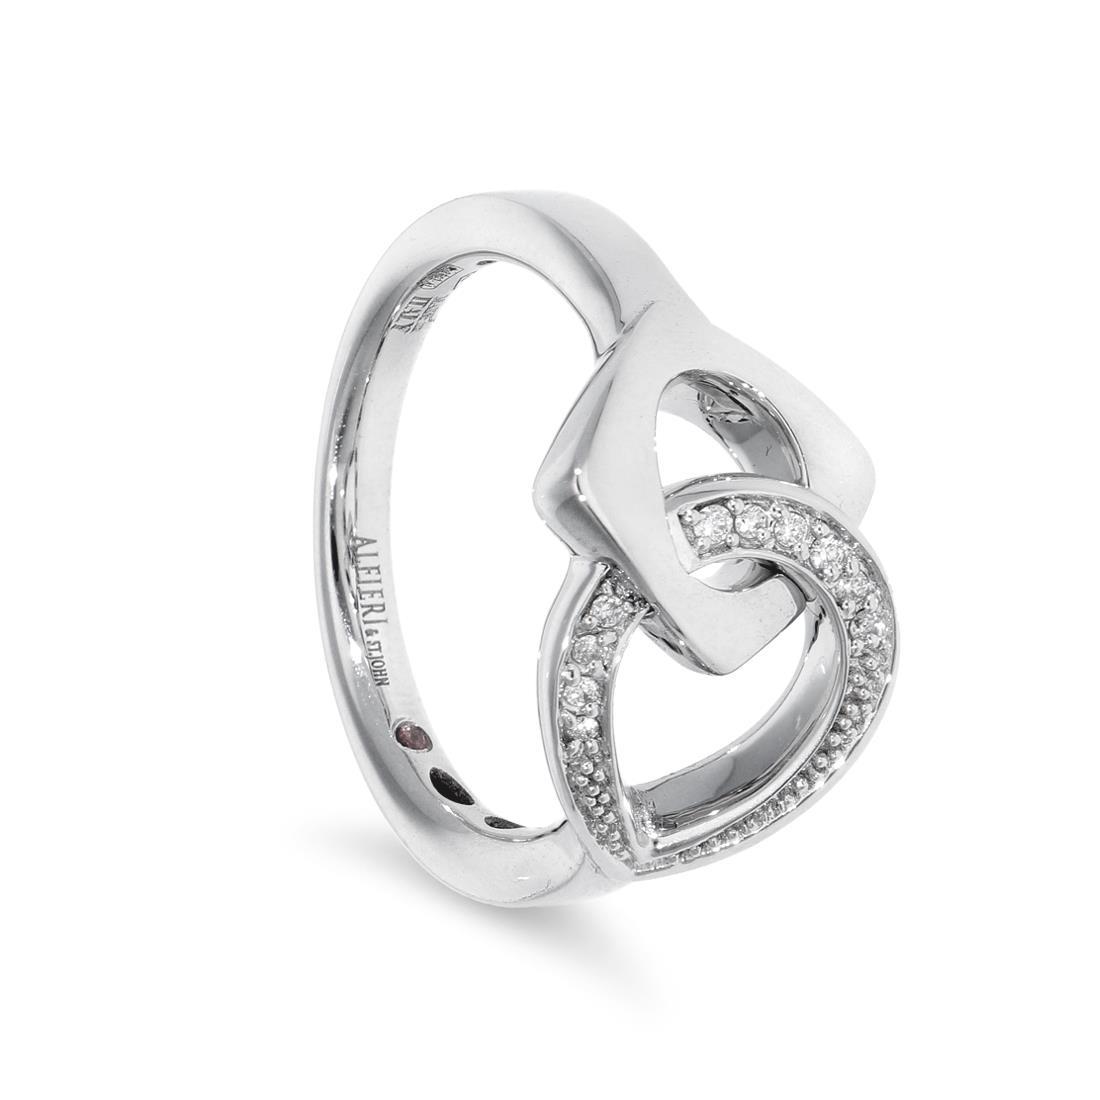 Anello con diamanti - ALFIERI & ST. JOHN